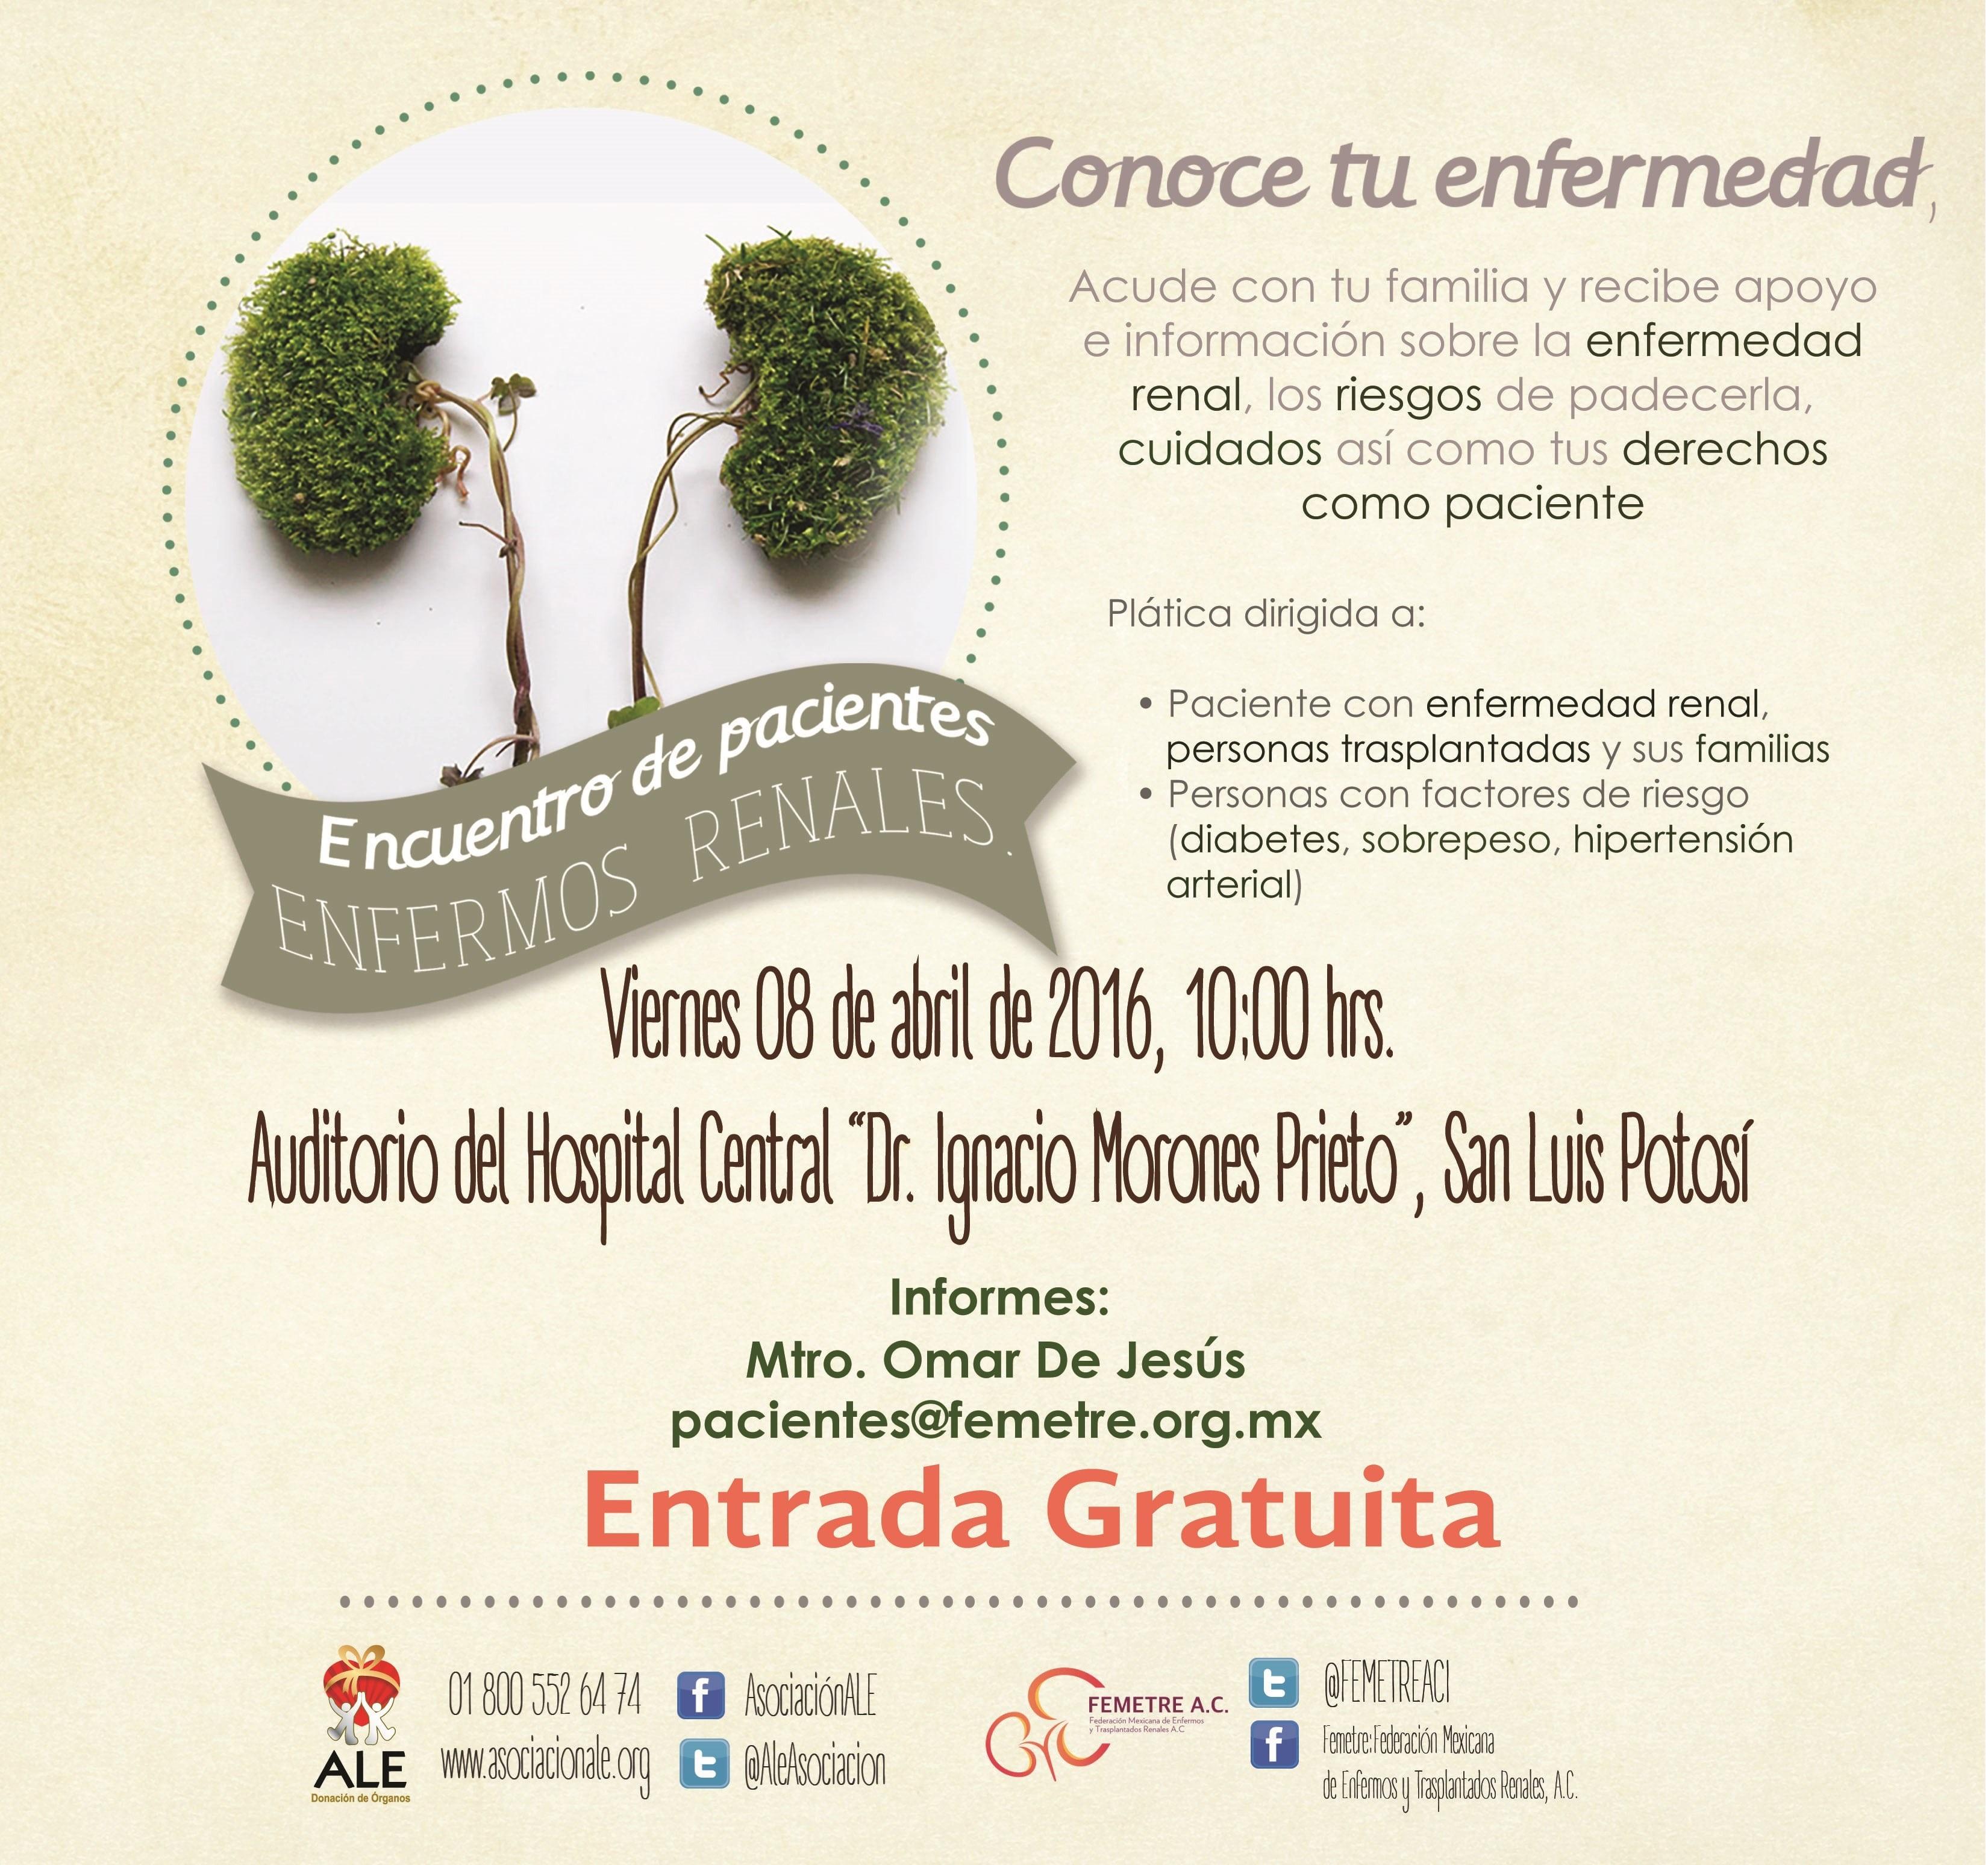 Encuentro de Pacientes Renales, SanLuis Potosi -8 / Abril